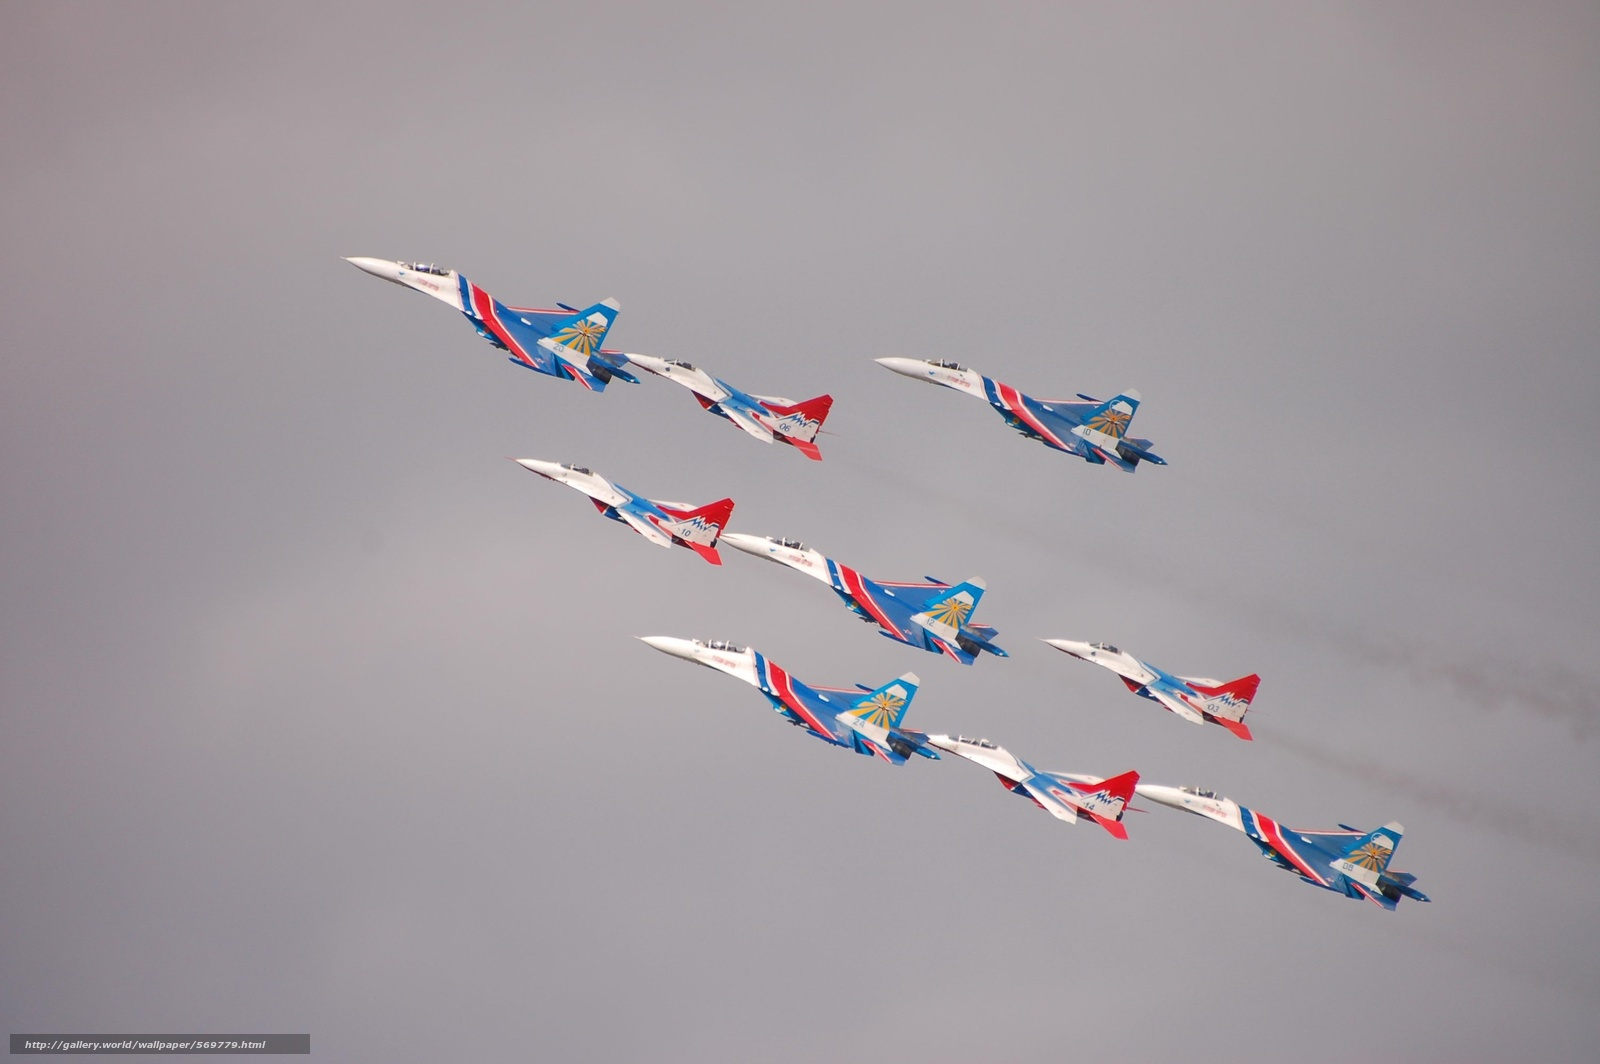 Скачать обои высший пилотаж,  Стрижи,  Русские витязи бесплатно для рабочего стола в разрешении 3008x2000 — картинка №569779